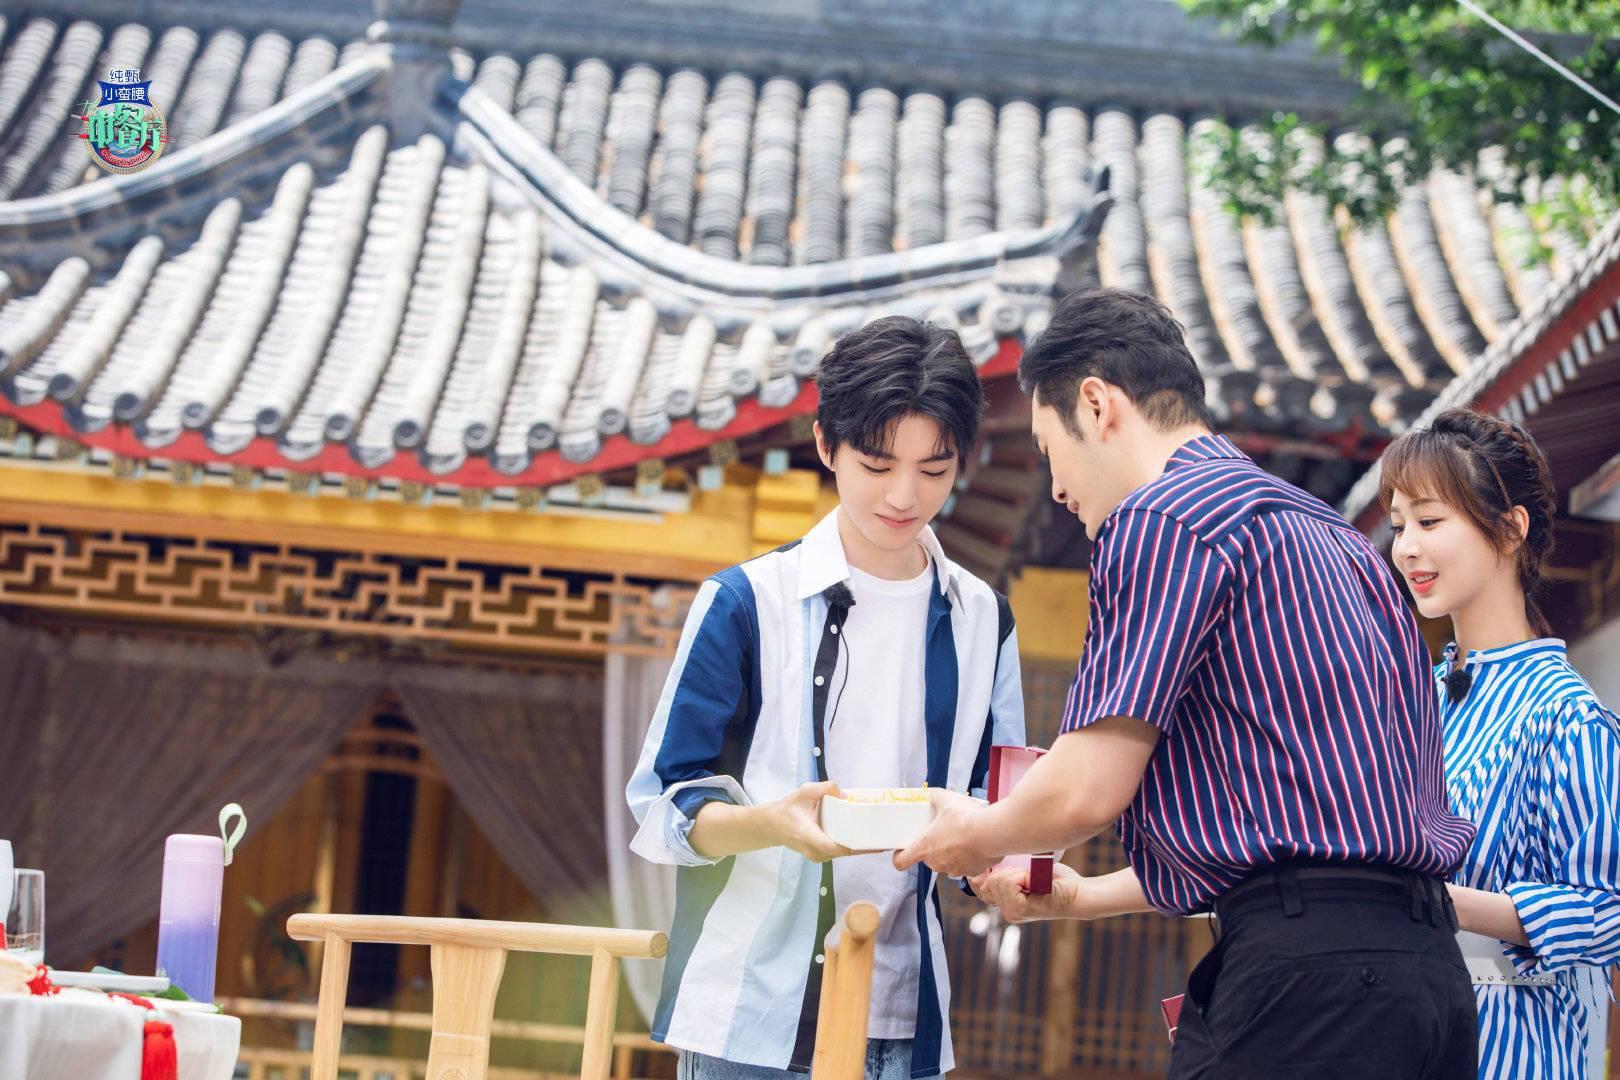 'Nhà hàng Trung Hoa' vắng mặt Triệu Vy - Thư Kỳ, Dương Tử thay thế và điểm Douban giảm sâu khiến ai cũng sốc 7